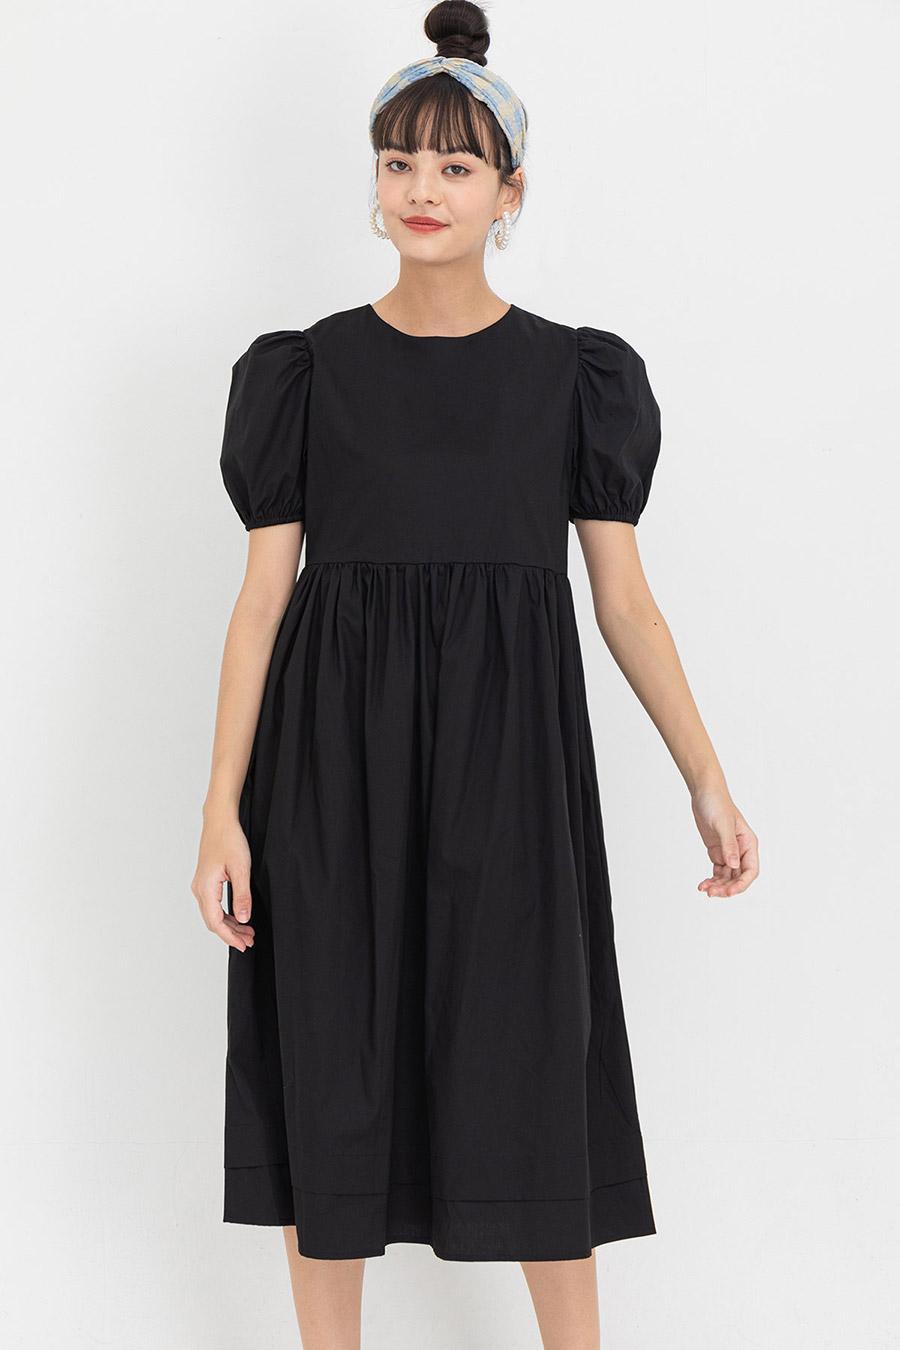 CORINA DRESS - NOIR